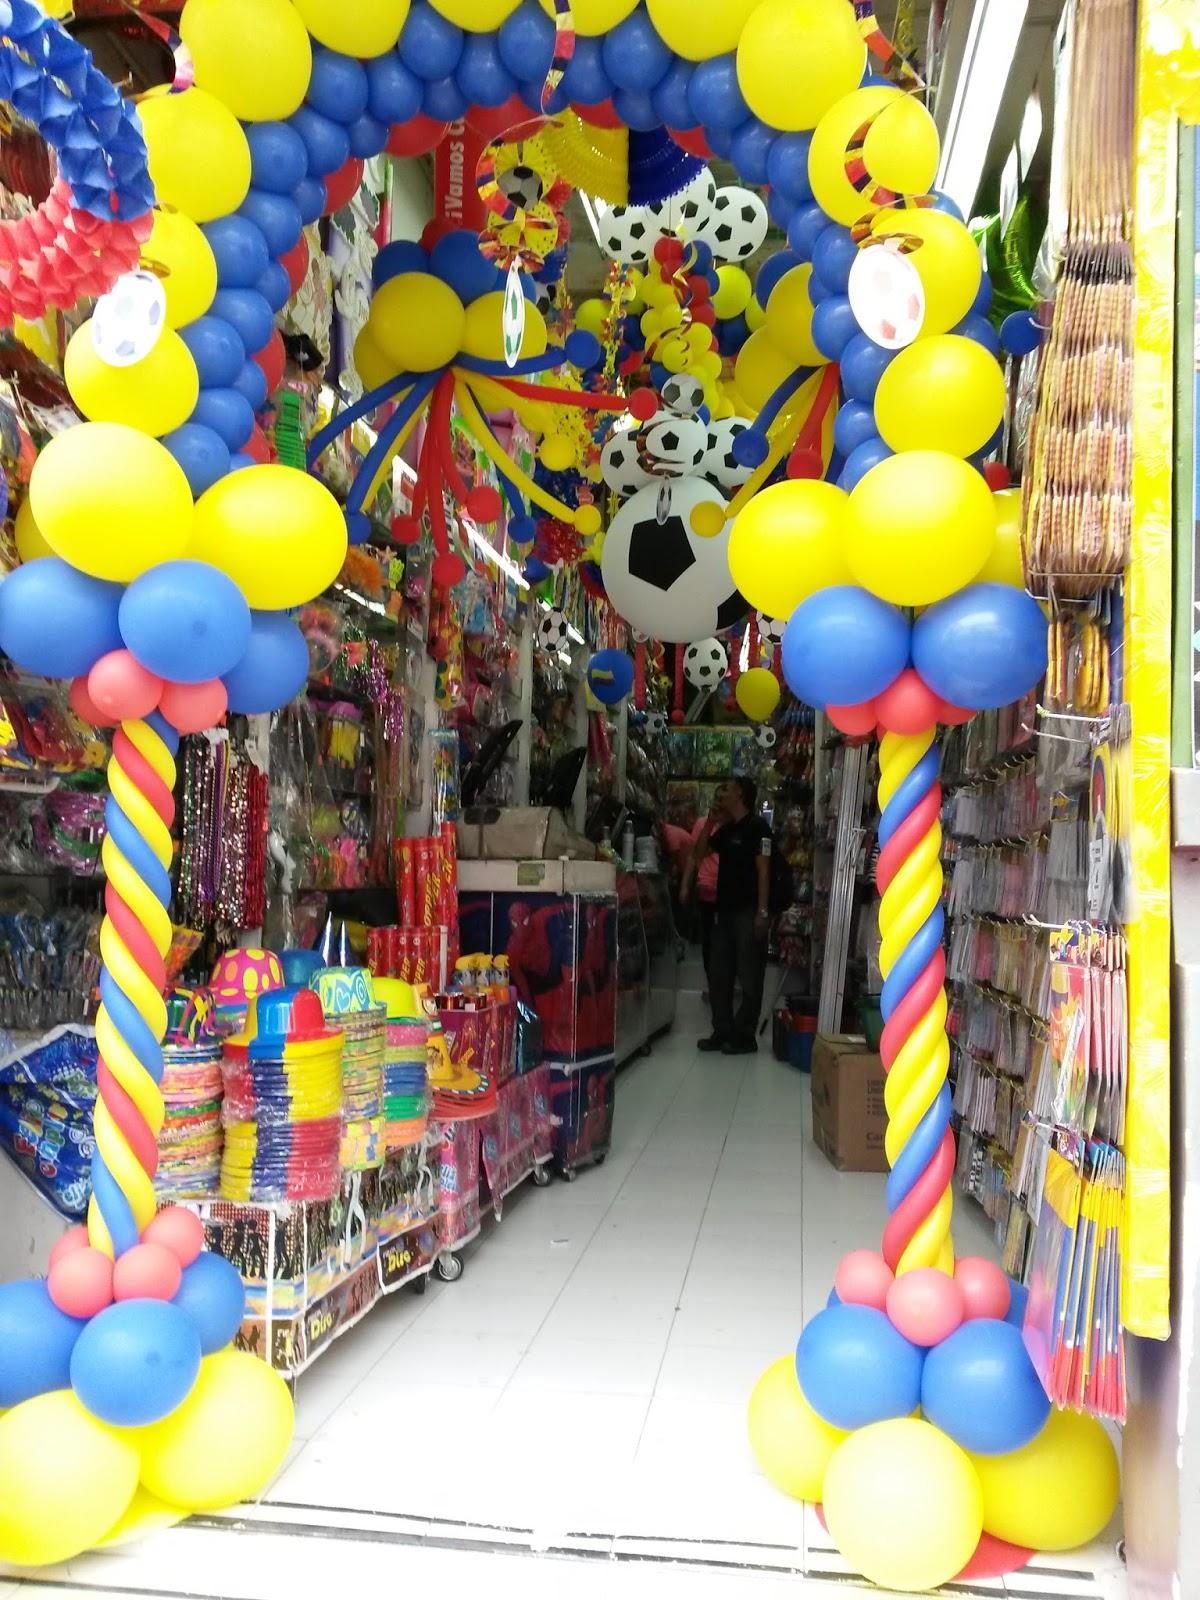 Fiestas y detalles decoracion seleccion colombia for Almacenes decoracion bogota